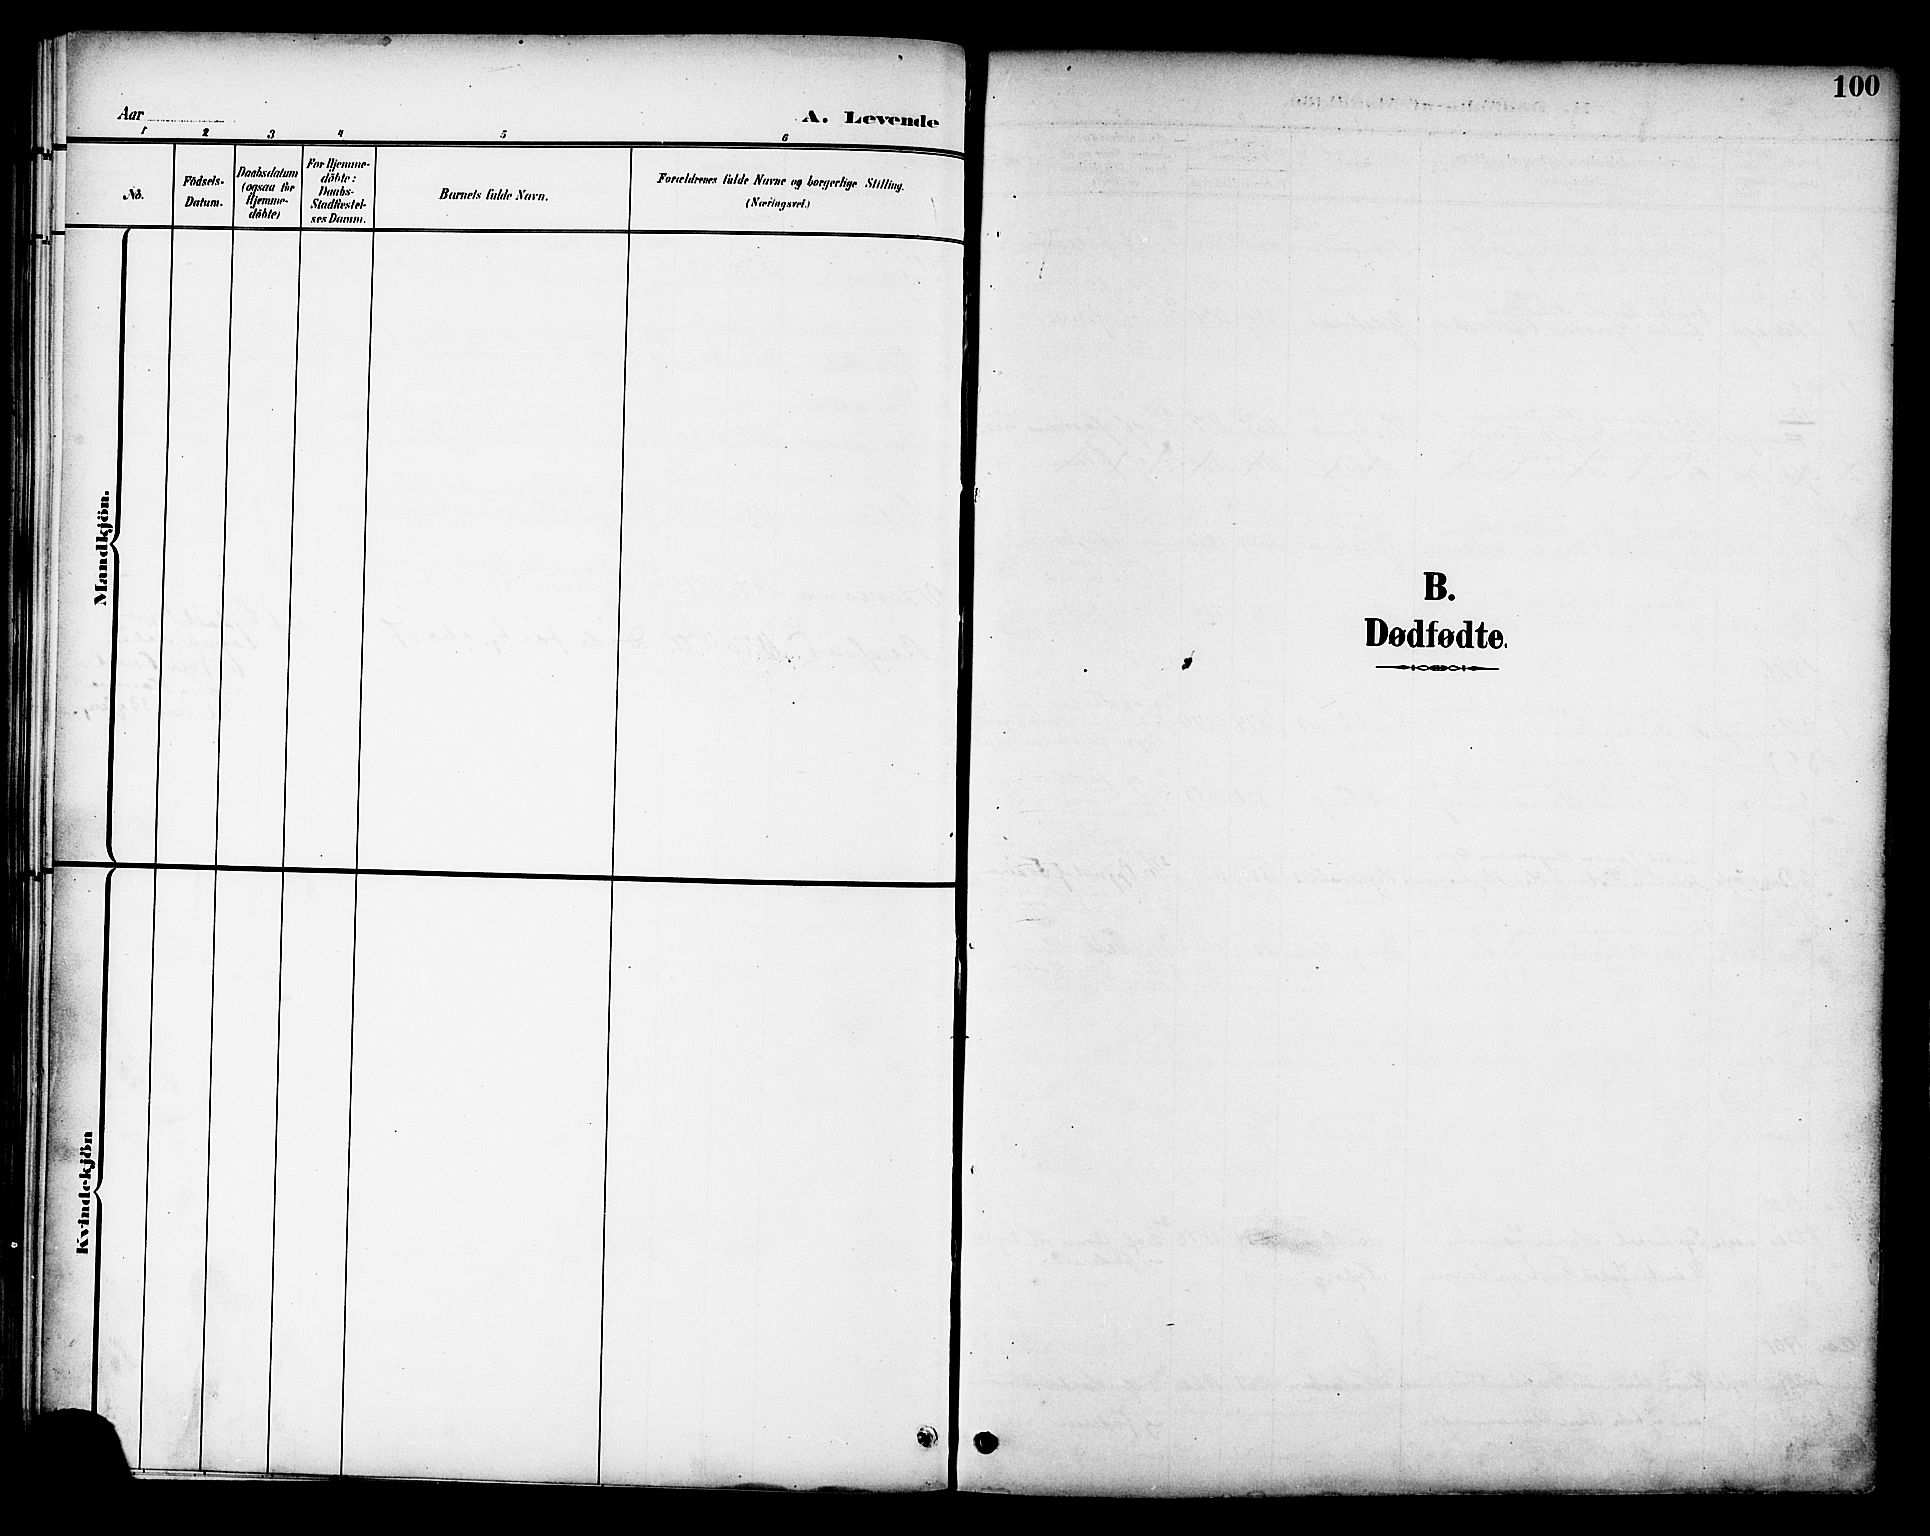 SAT, Ministerialprotokoller, klokkerbøker og fødselsregistre - Nord-Trøndelag, 709/L0087: Klokkerbok nr. 709C01, 1892-1913, s. 100